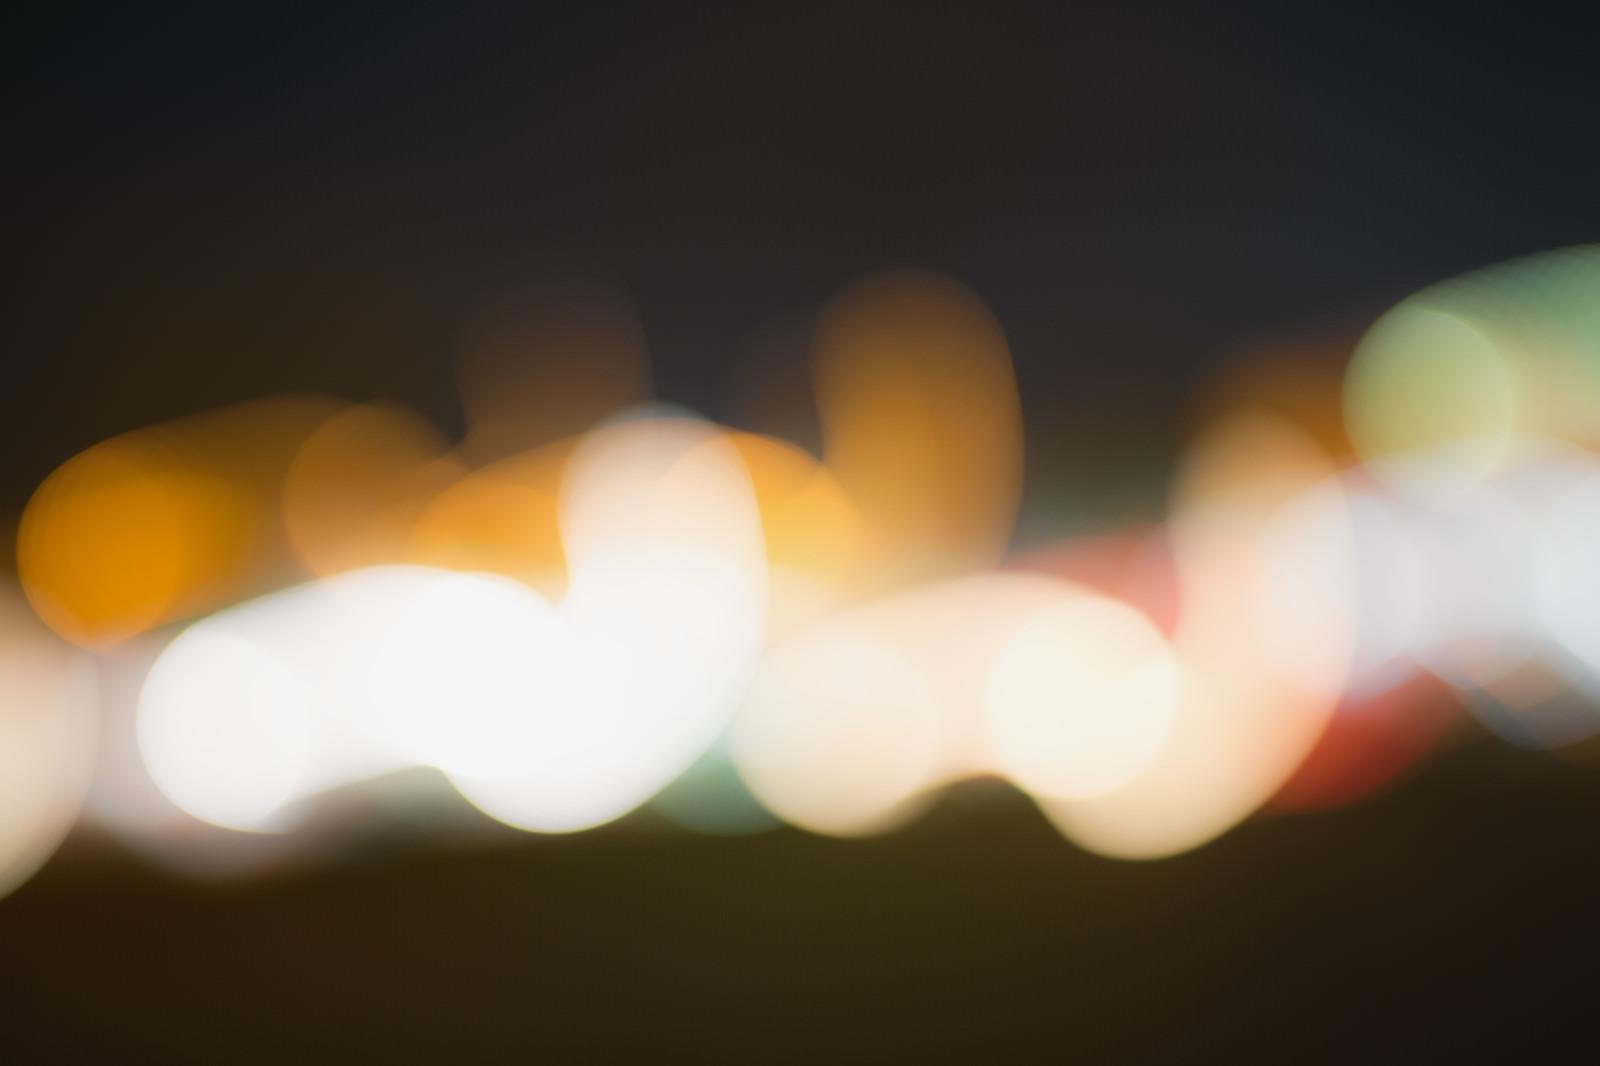 「遠くに見える光りのボケ遠くに見える光りのボケ」のフリー写真素材を拡大